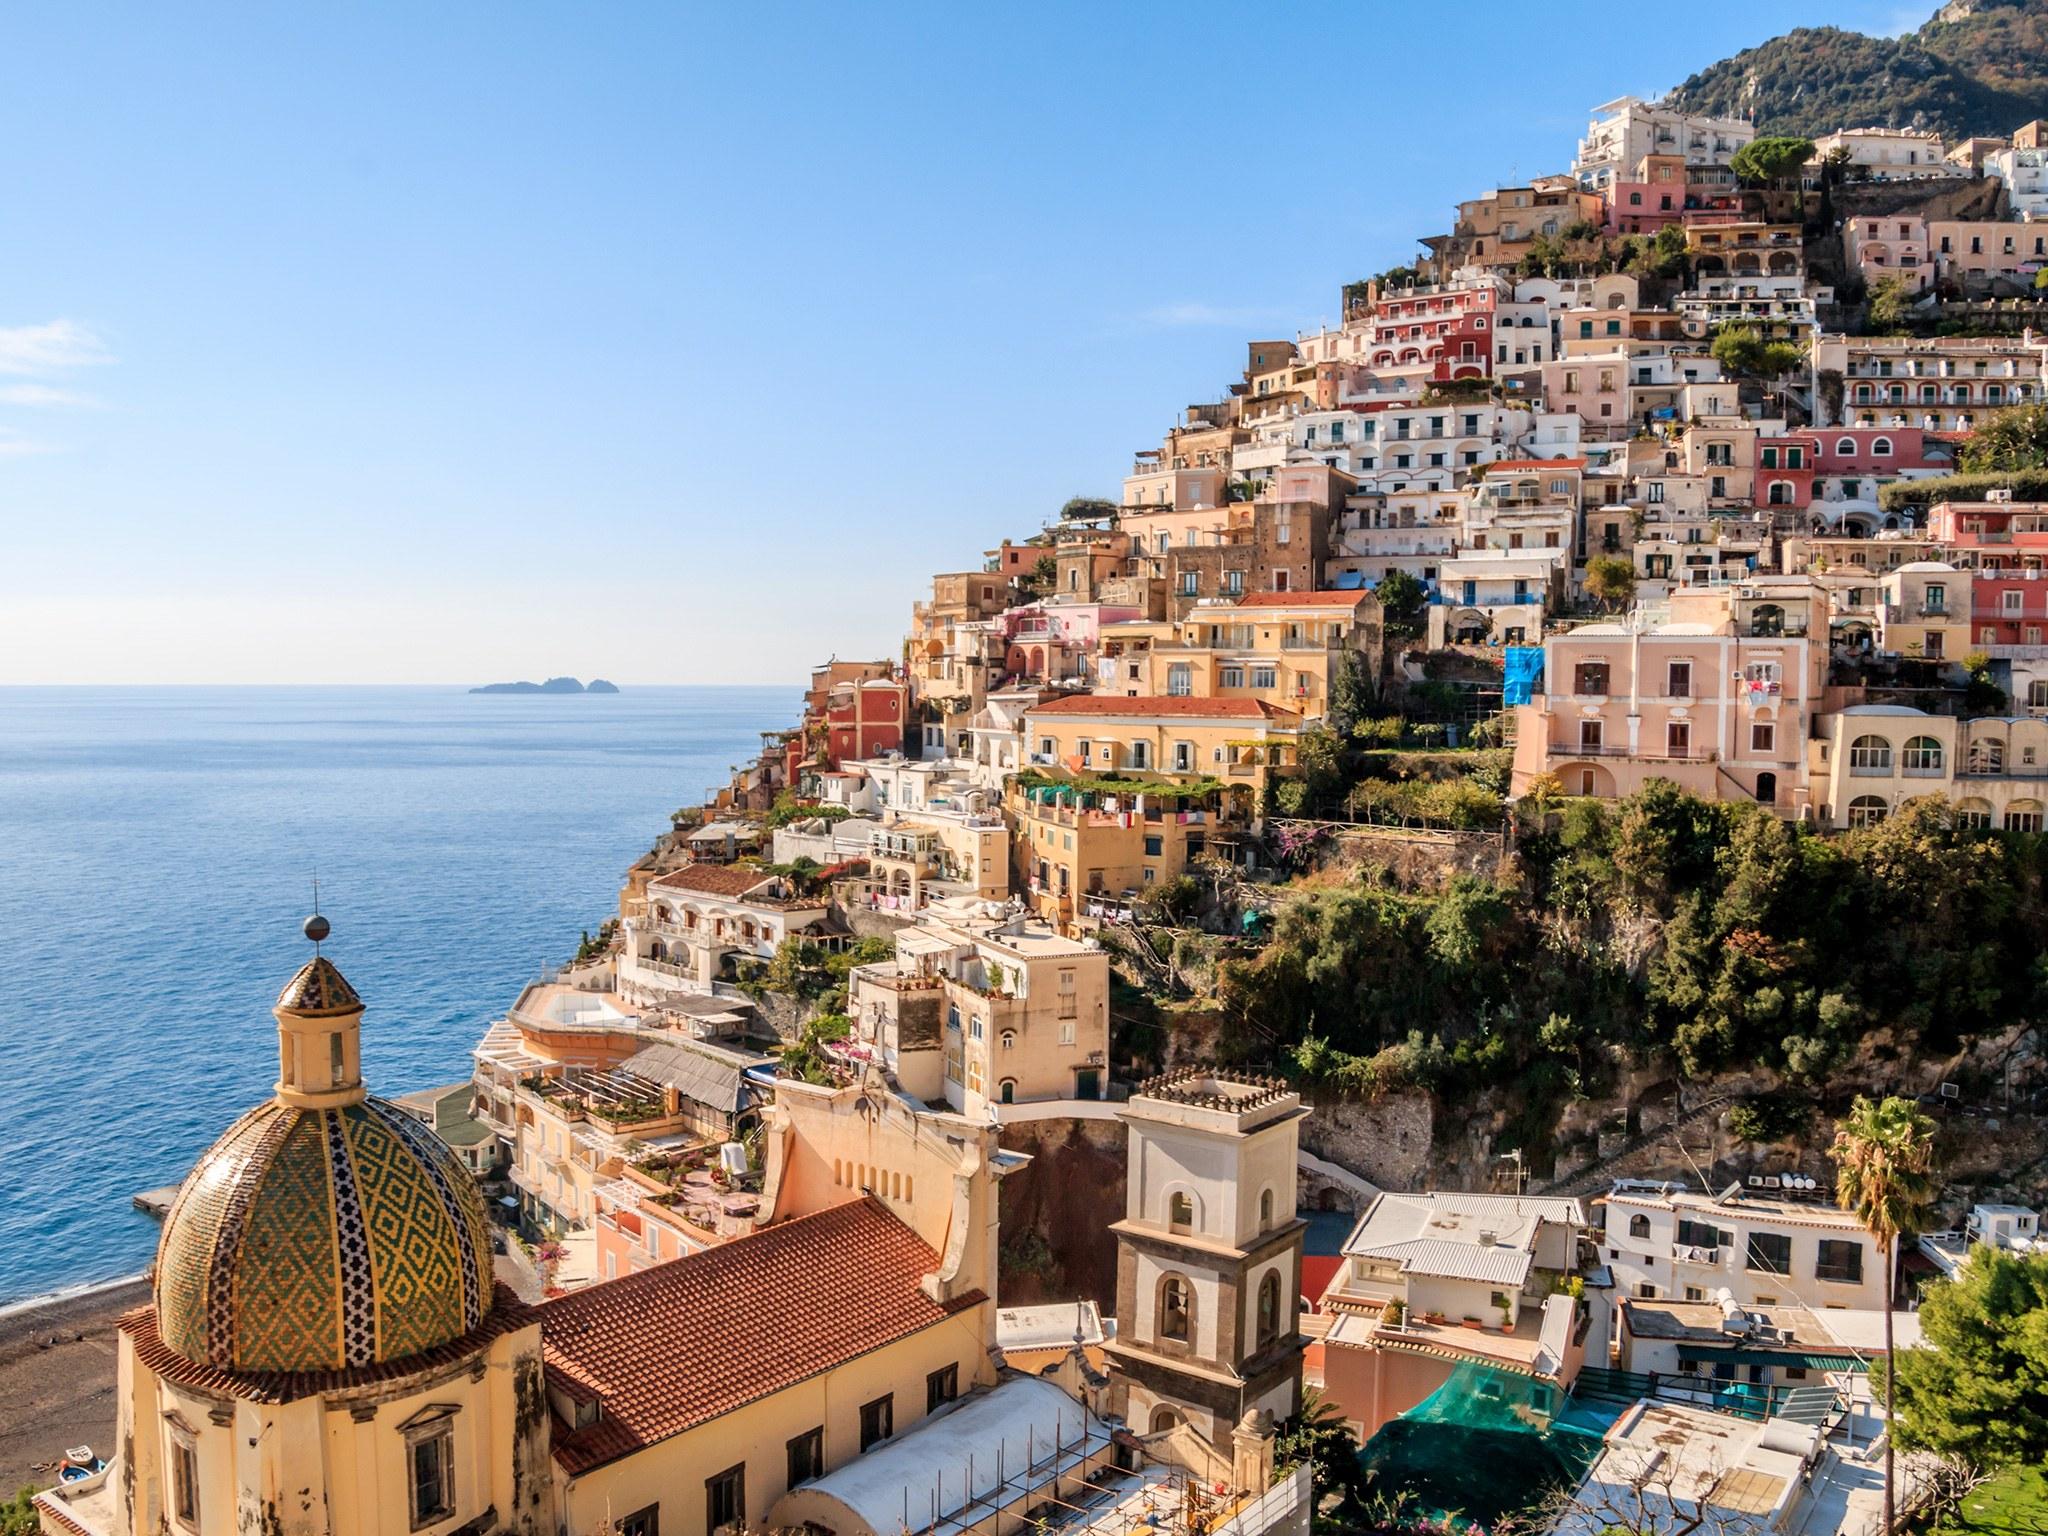 10) Italy